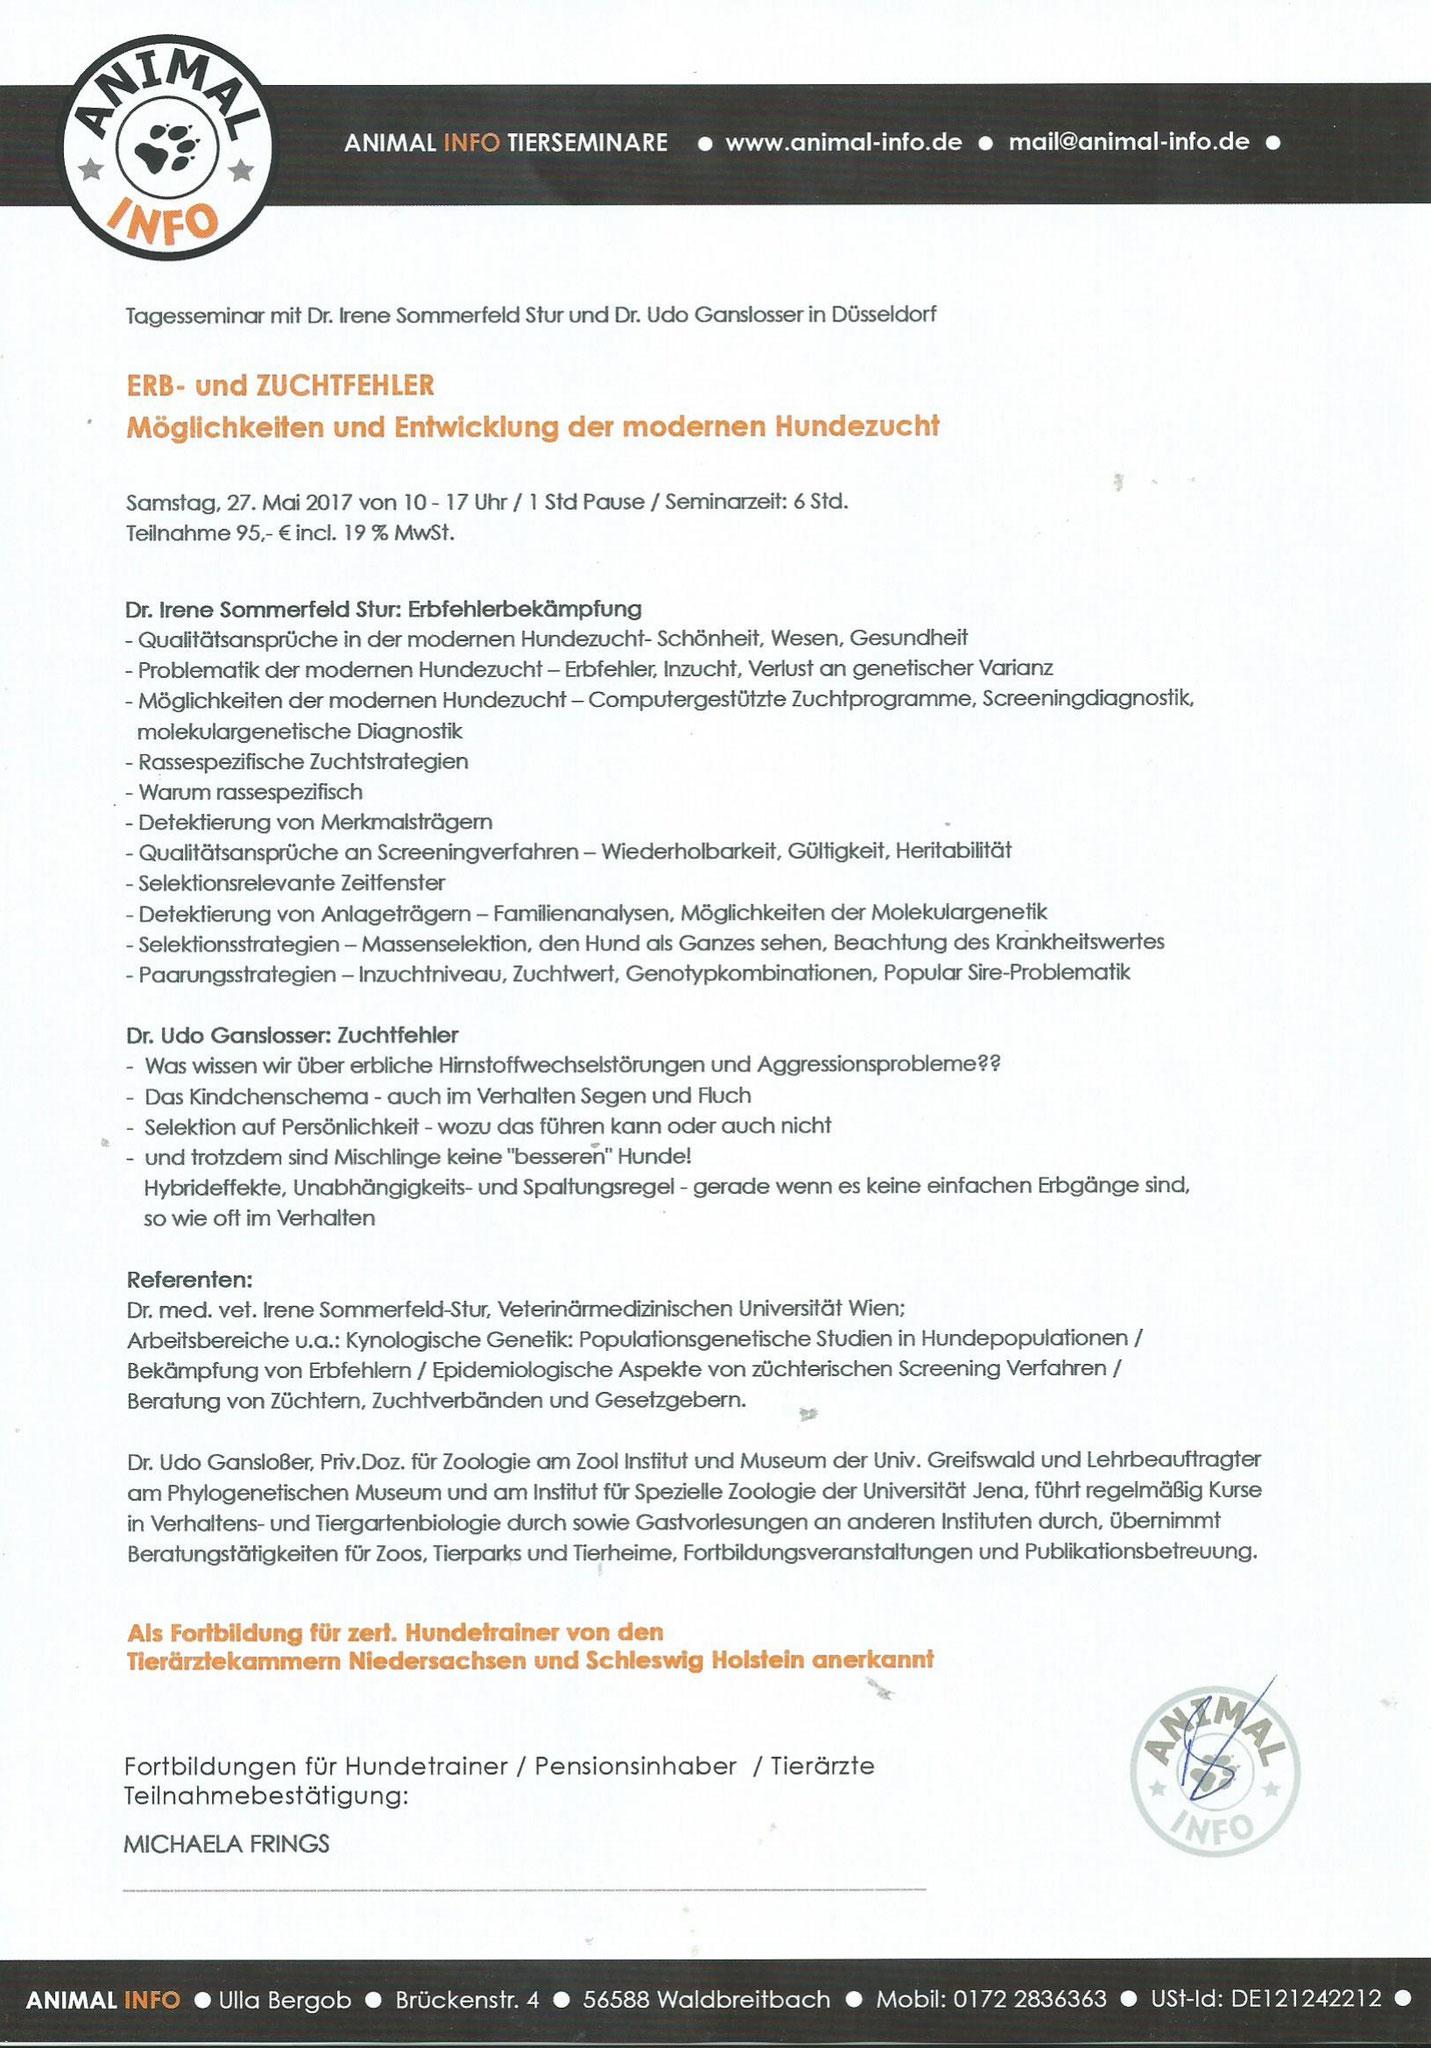 Erb- und Zuchtfehler 27. Mai 2017